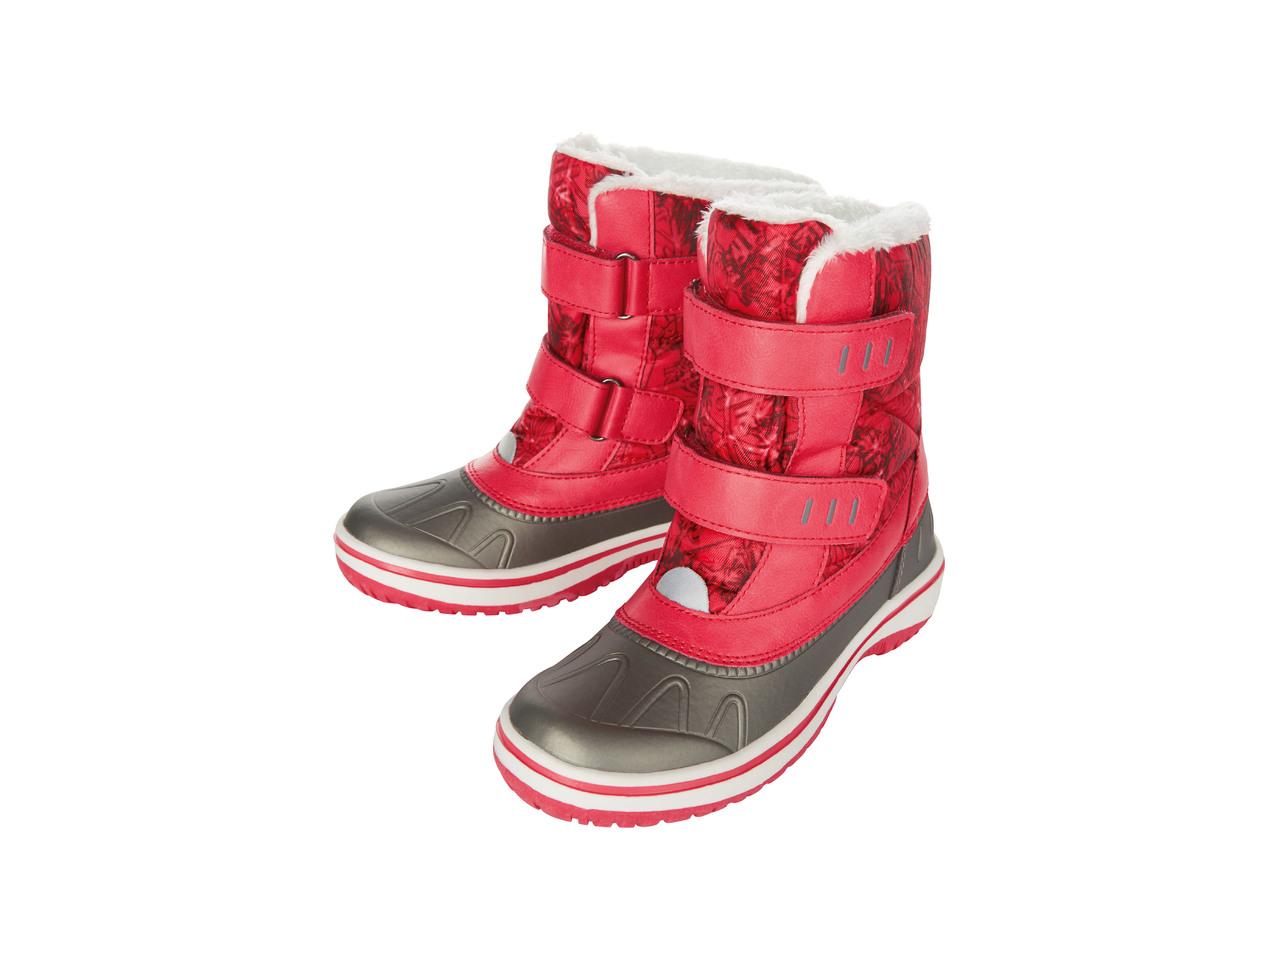 Dívčí zimní obuv Pepperts